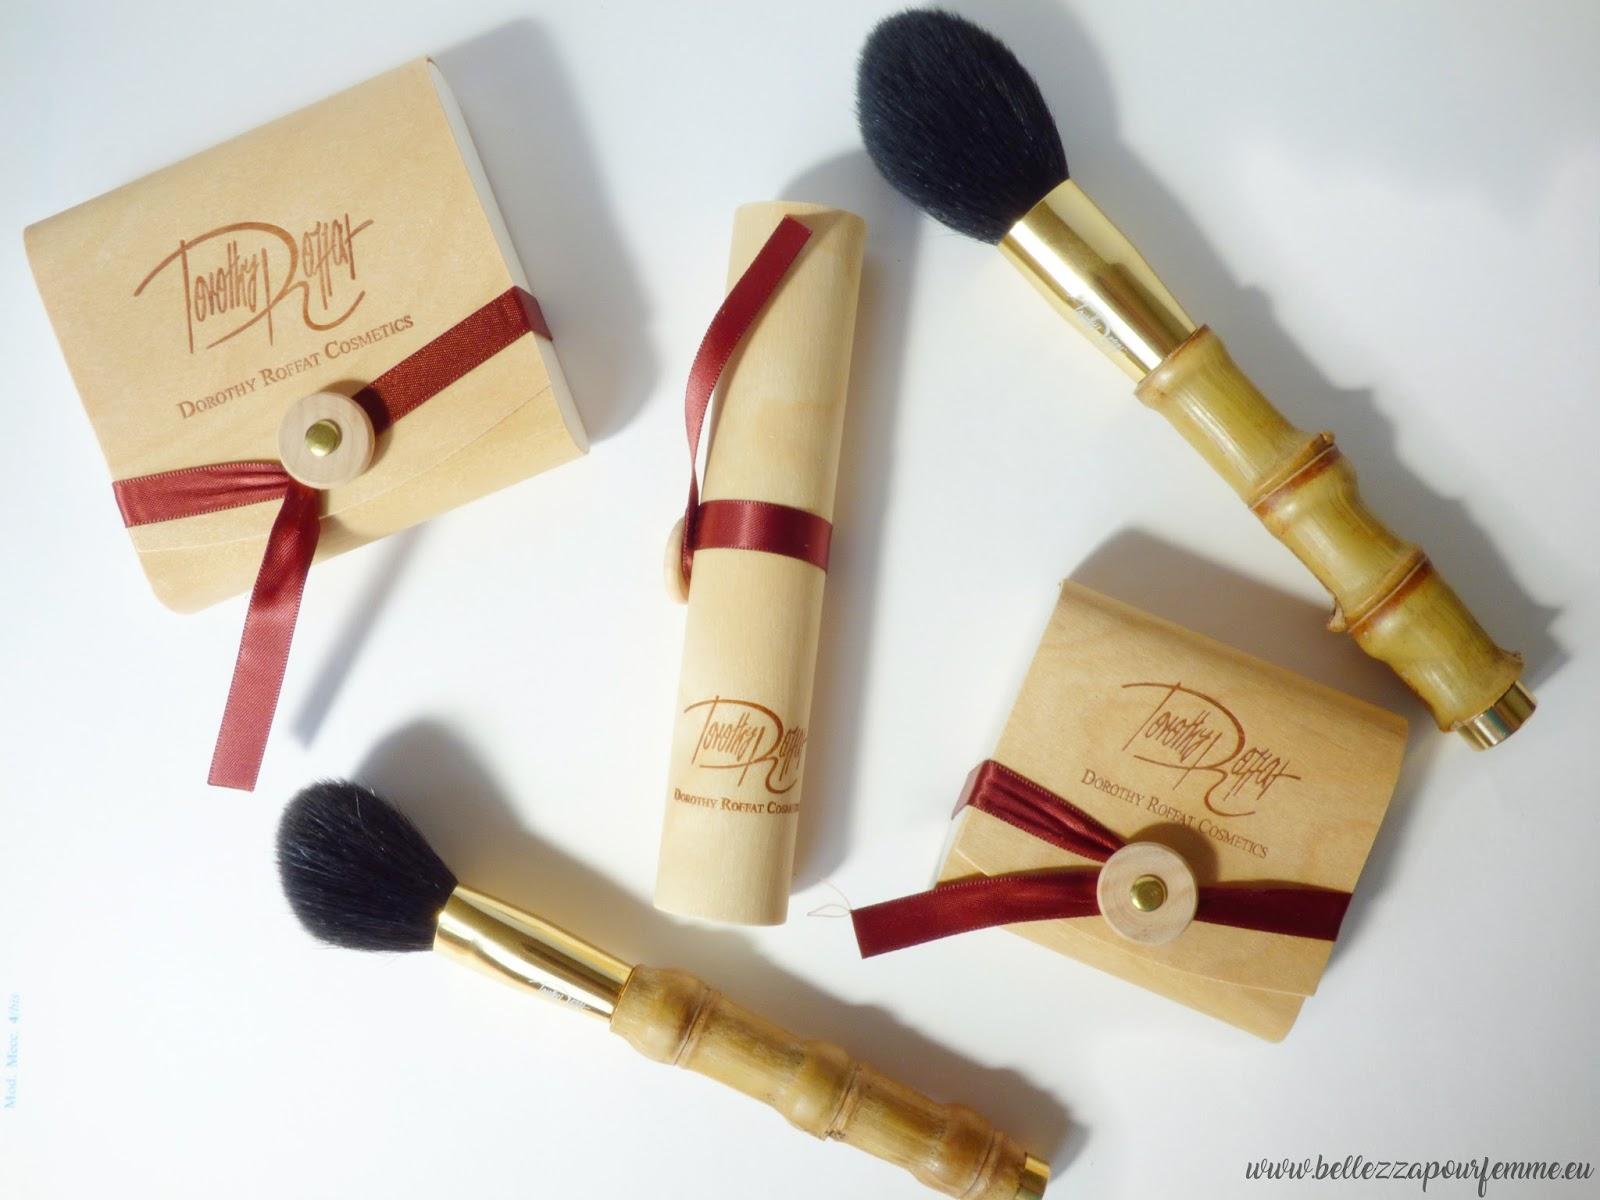 Cosmetici di lusso ed ecologi: Dorothy Roffat Cosmetics